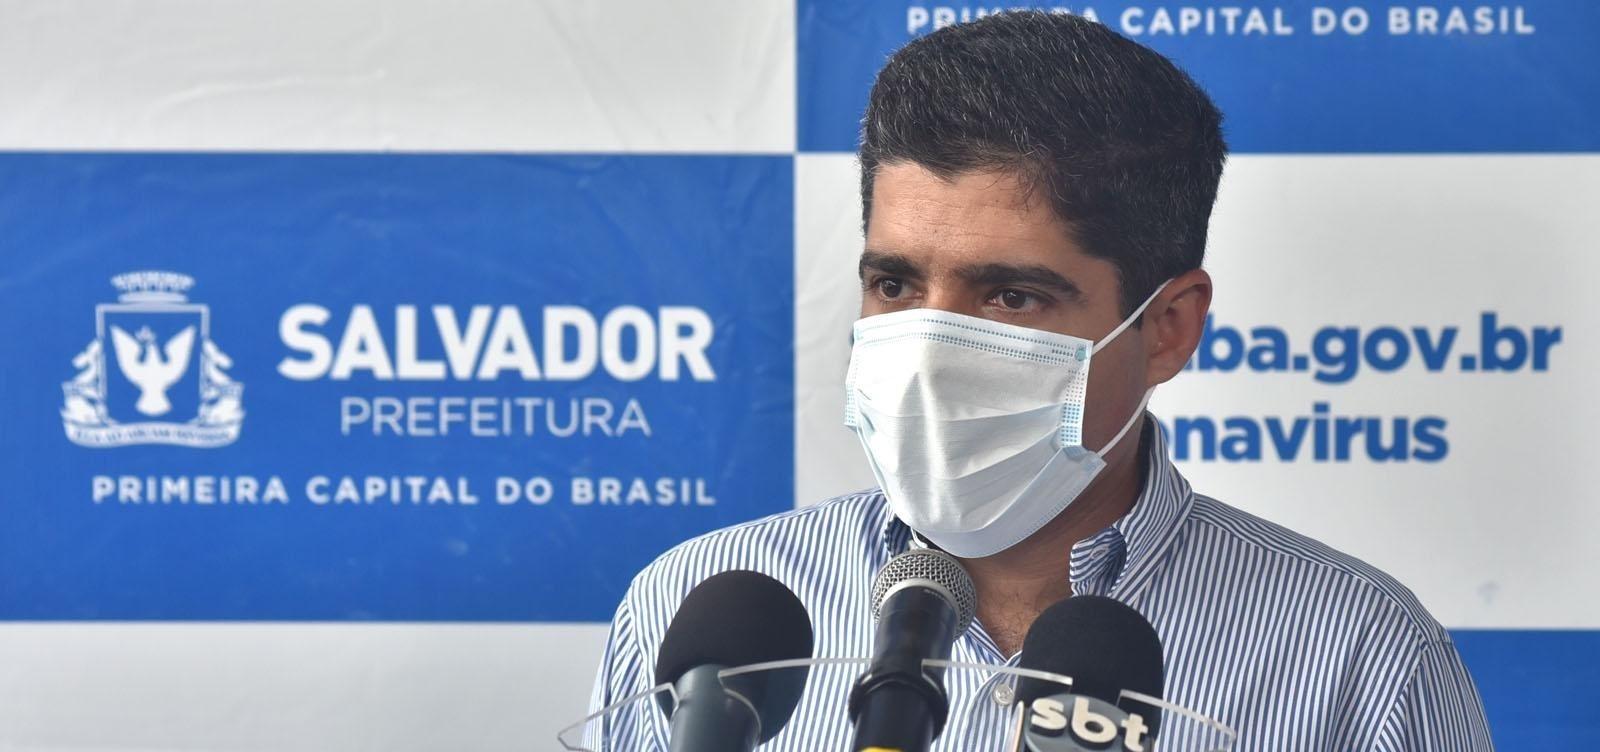 [Após nova reunião com Bolsonaro, Neto diz que não vai deixar de dialogar com o presidente]